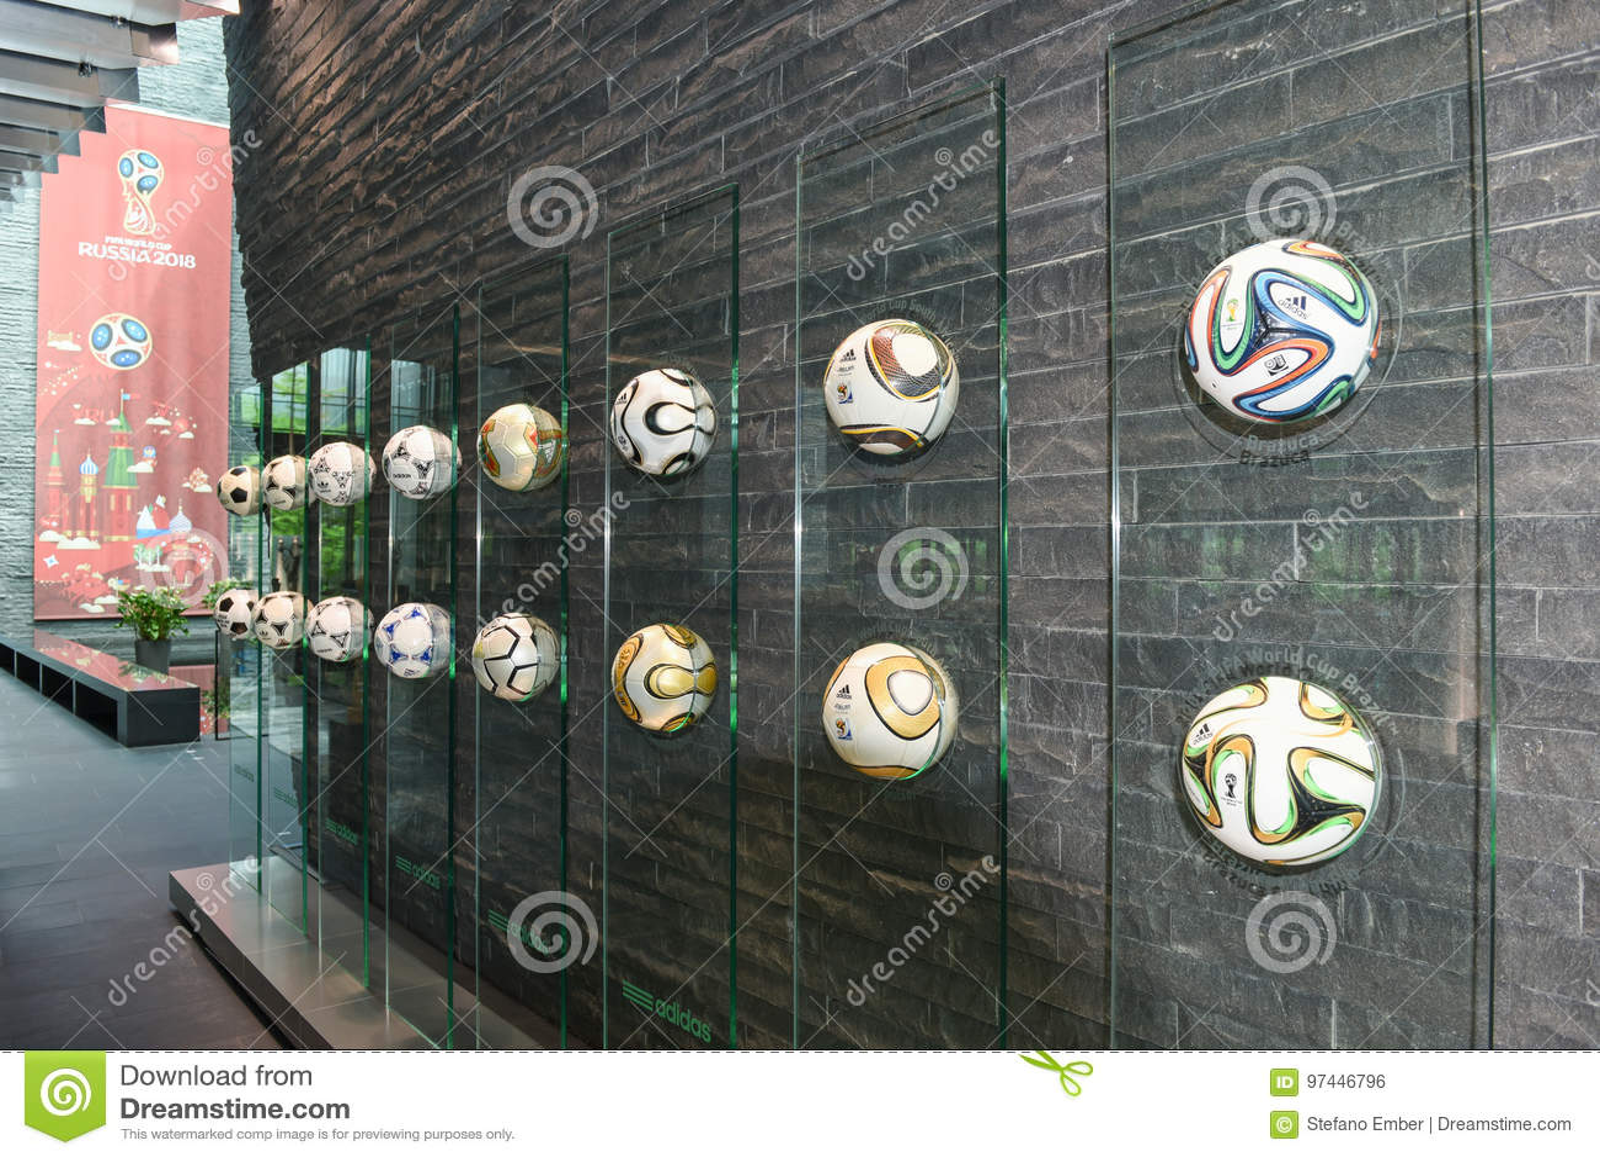 Kwatery główne FIFA przy Zurich na Szwajcaria